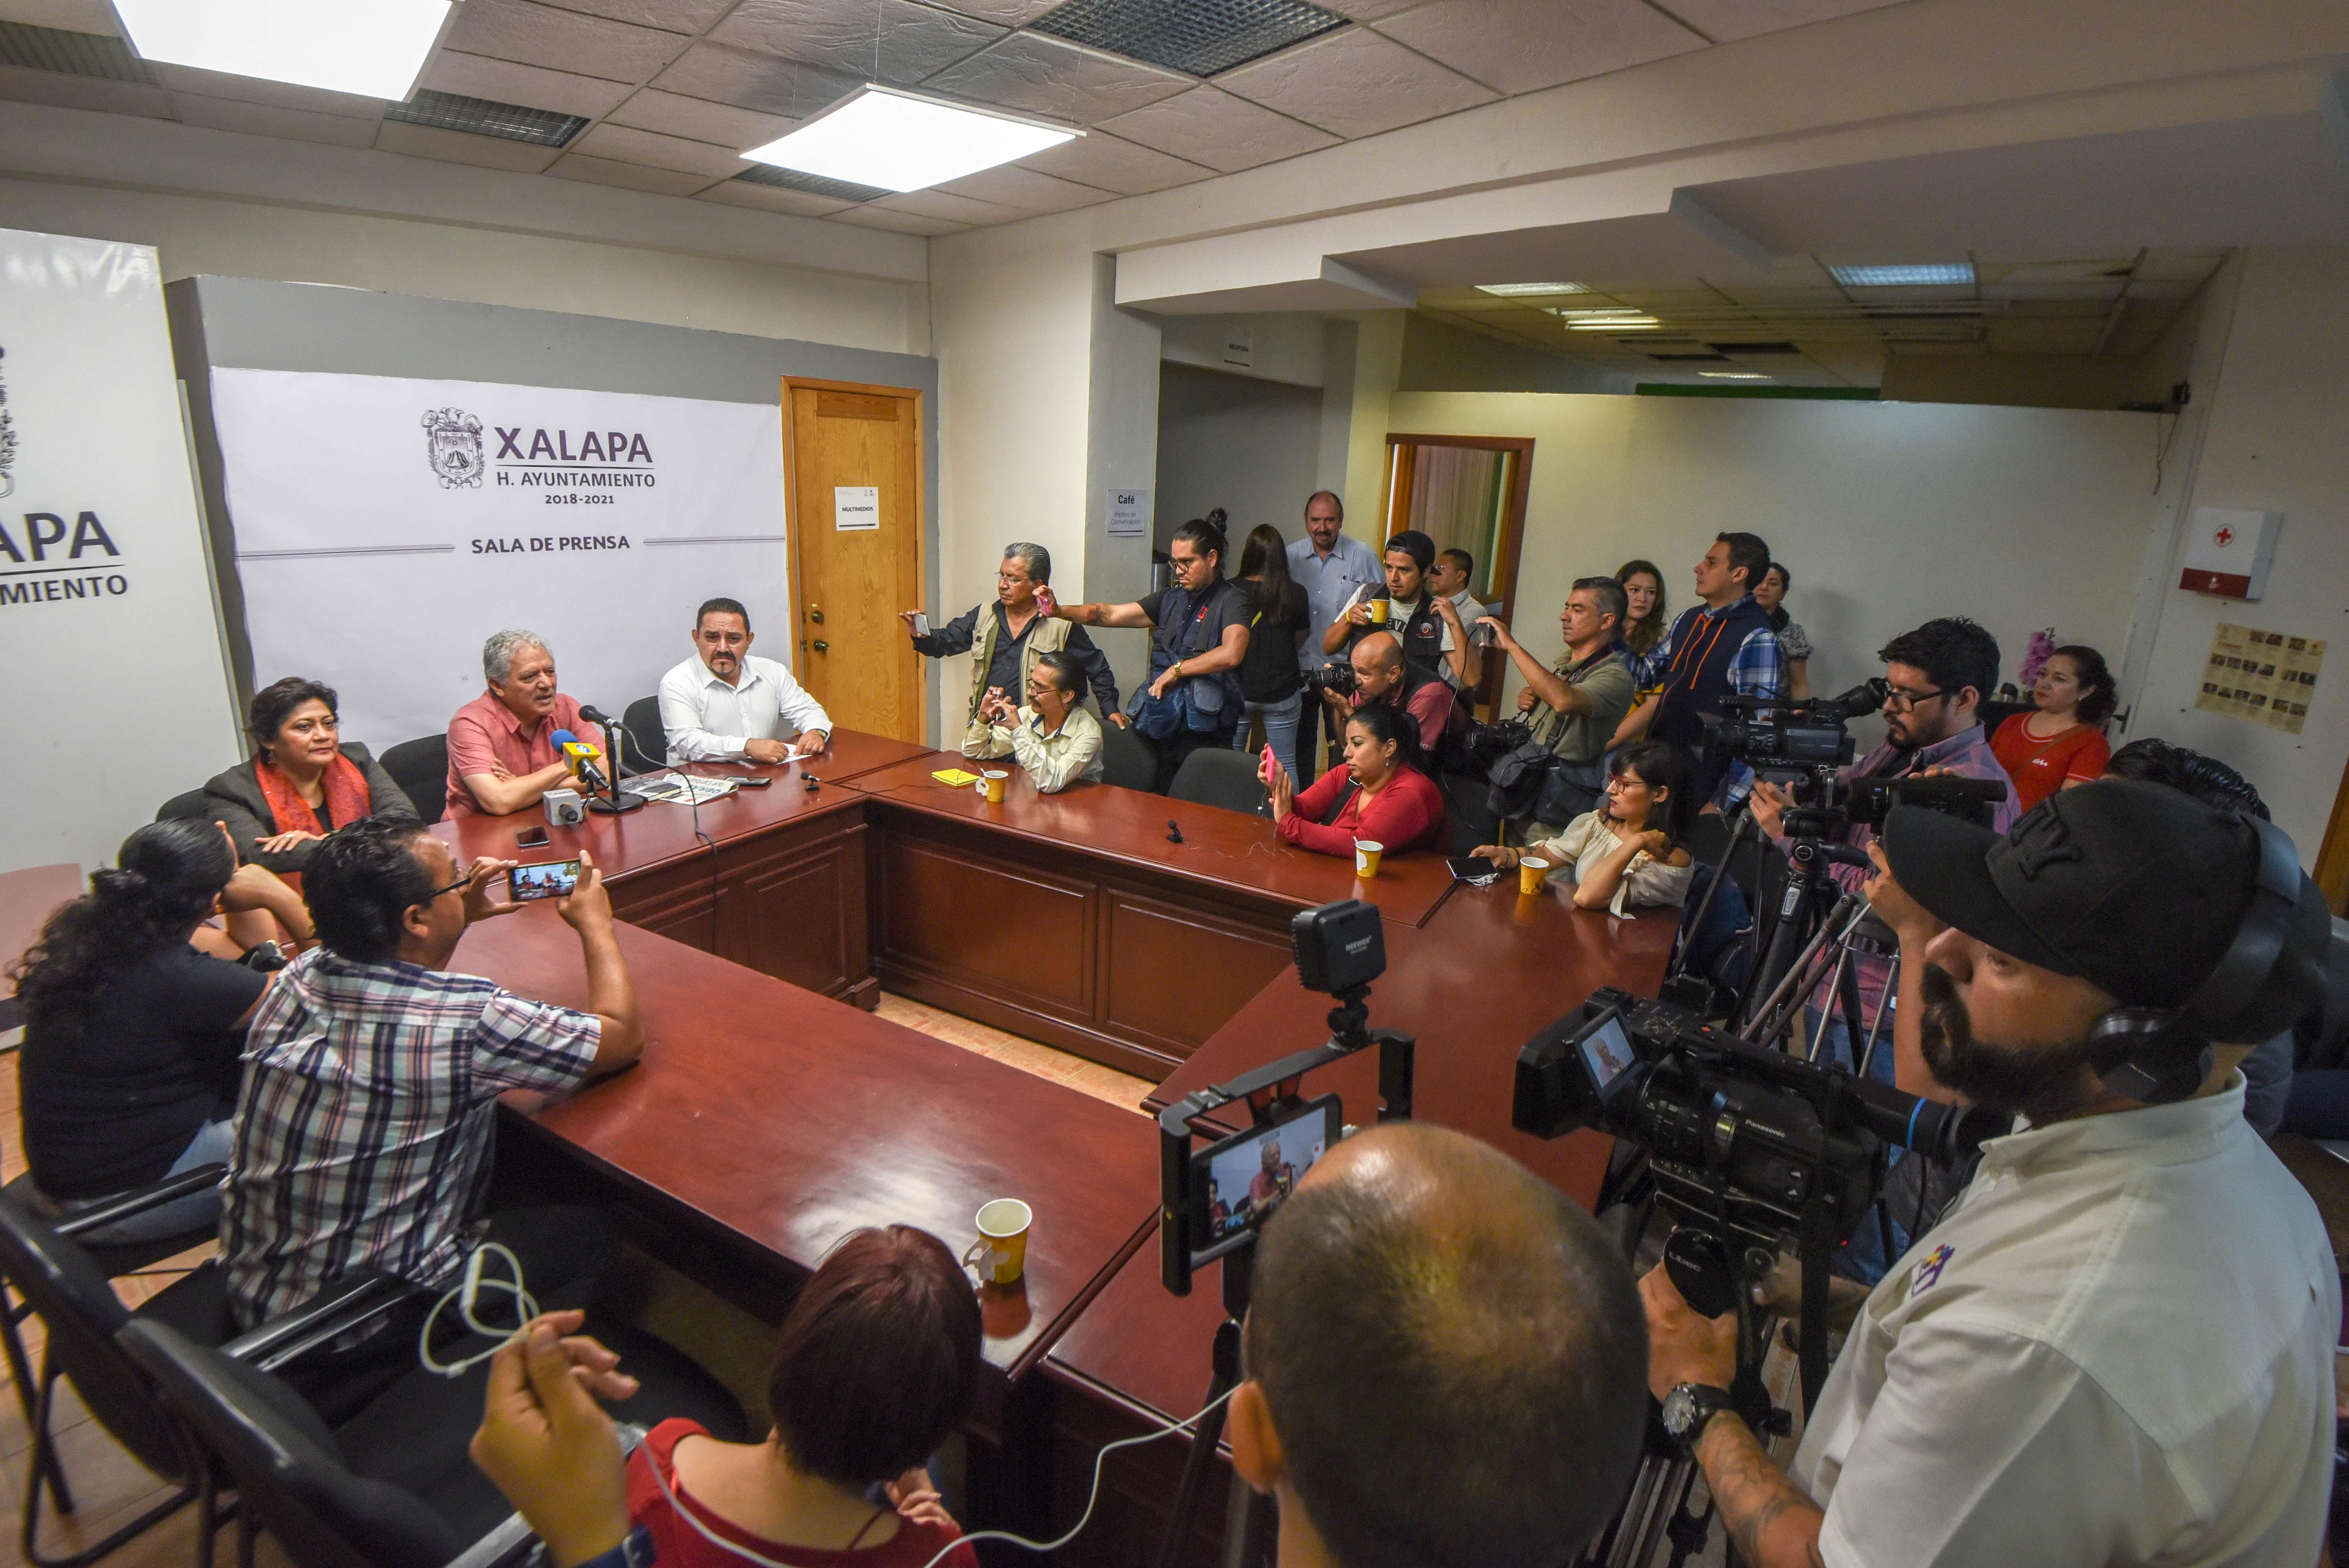 Ayuntamiento de Xalapa dialogó con personal de Limpia Pública para terminar con paro de labores